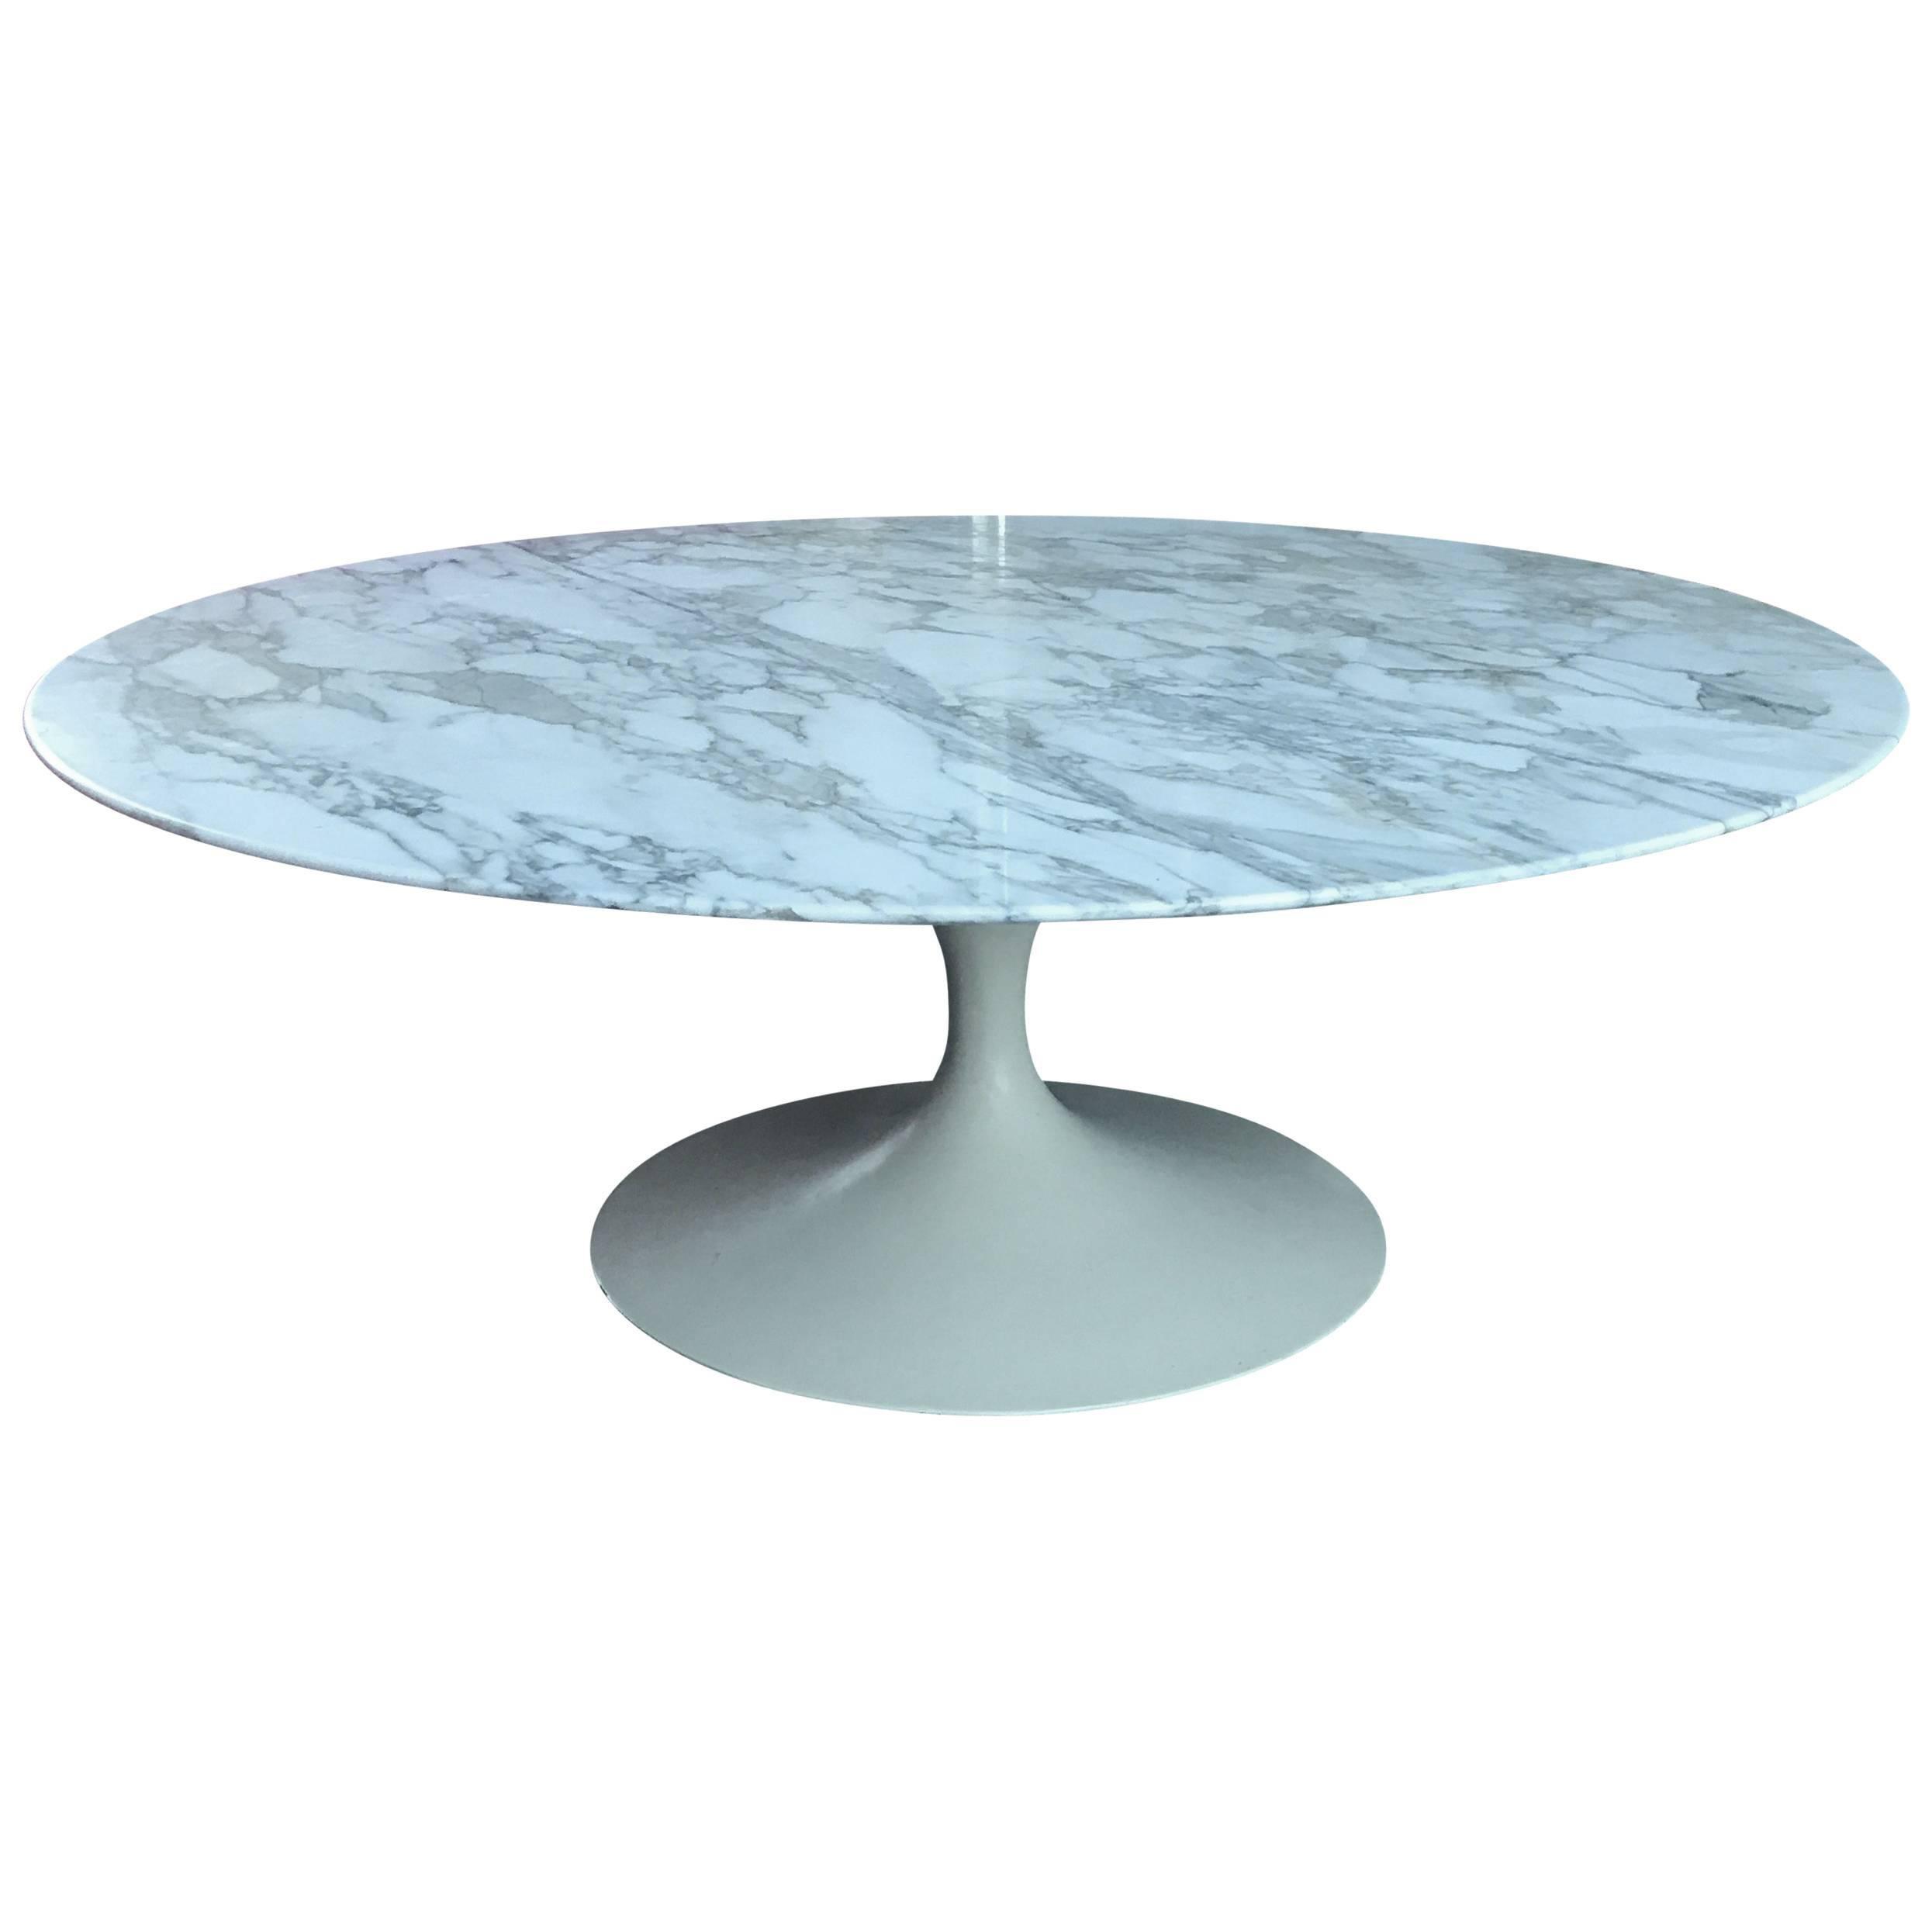 Early Eero Saarinen For Knoll Marble Tulip Coffee Table